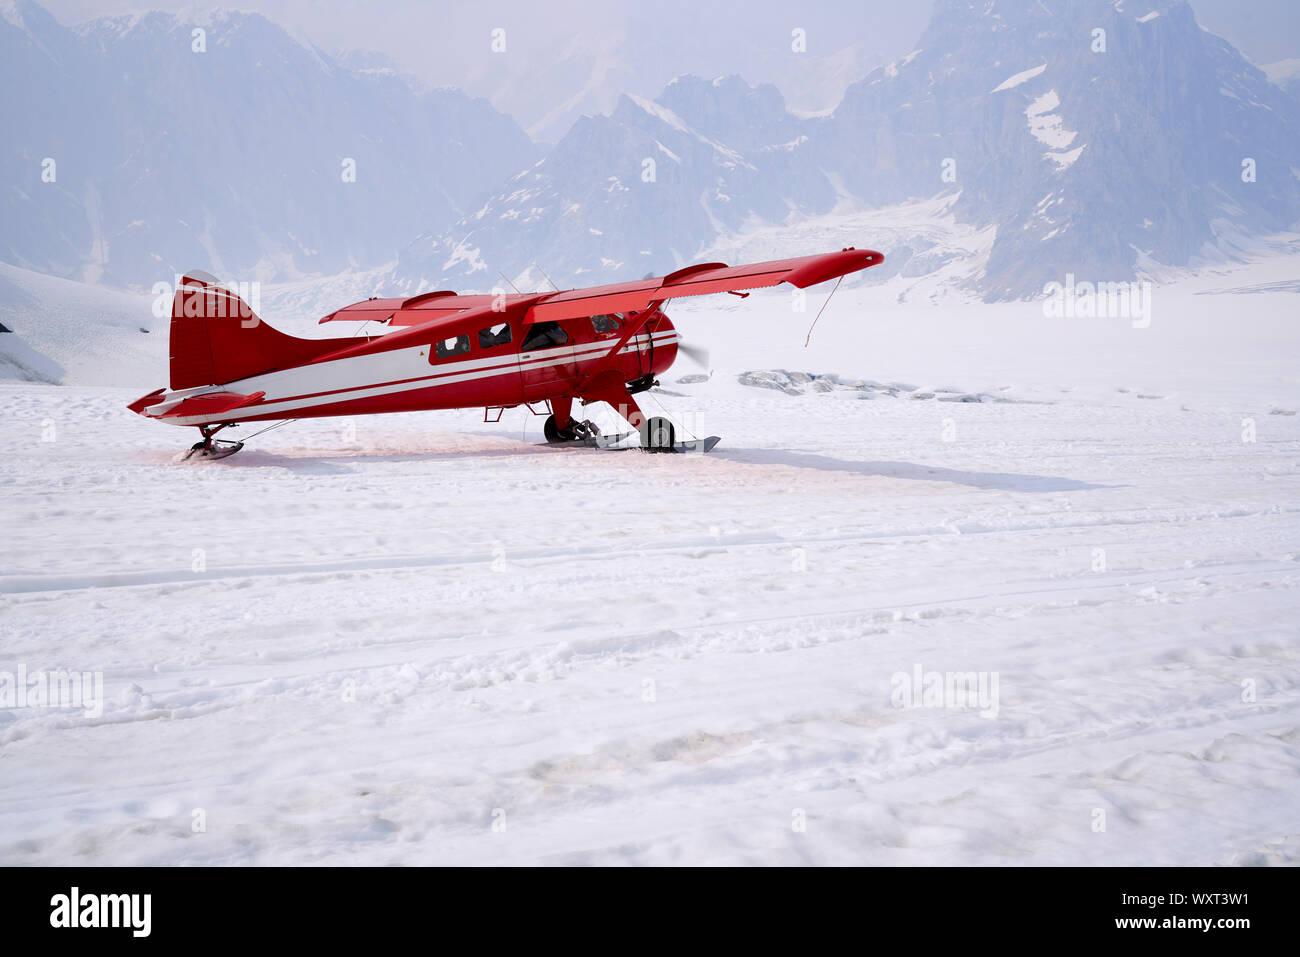 Avión en un glaciar desembarco en el Parque Nacional Denali, Alaska Foto de stock